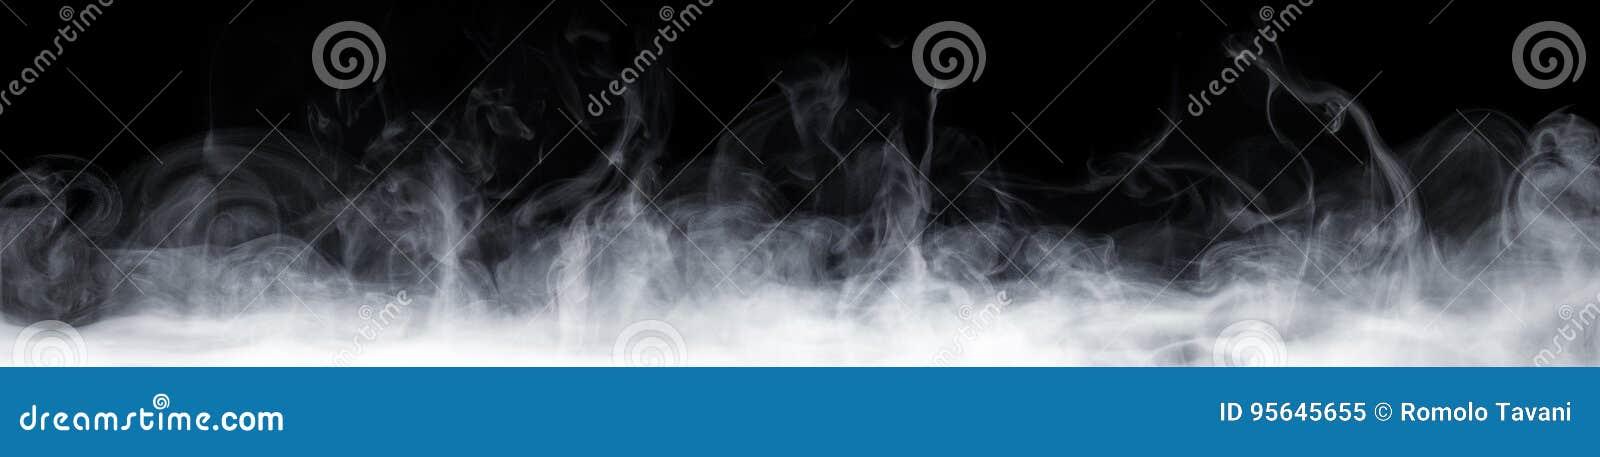 Abstrakter Rauch in der Dunkelheit